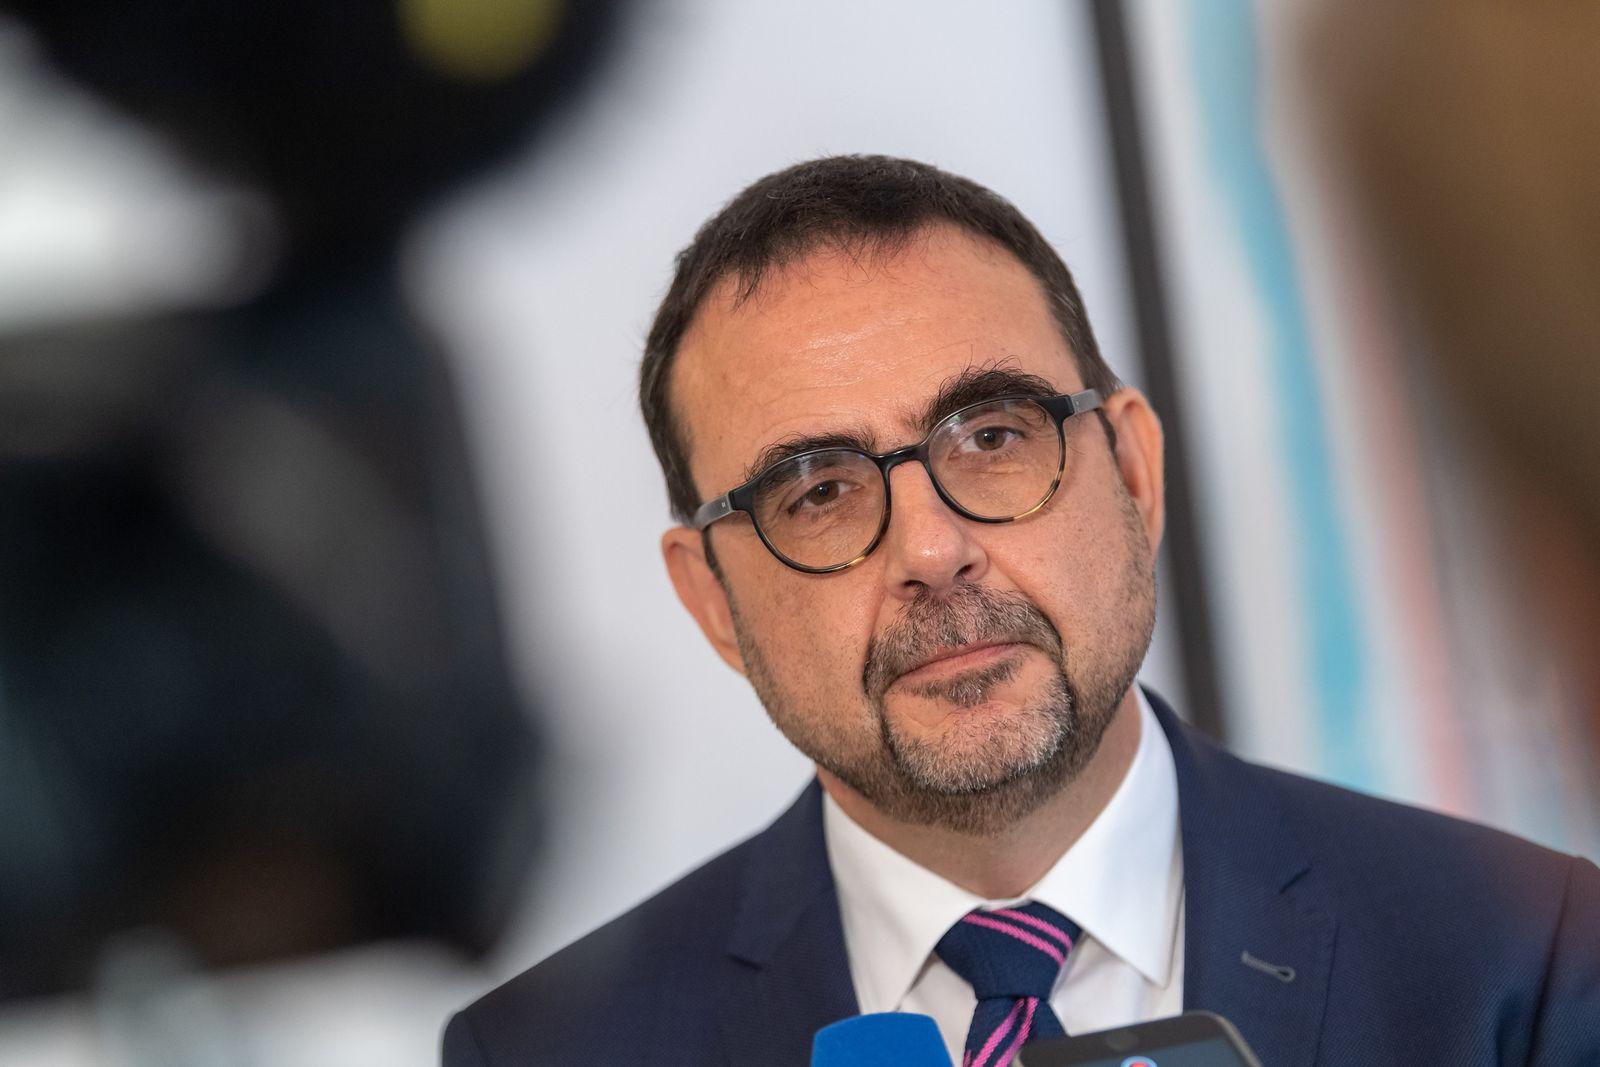 Klaus Holetschek wird neuer bayerischer Gesundheitsminister